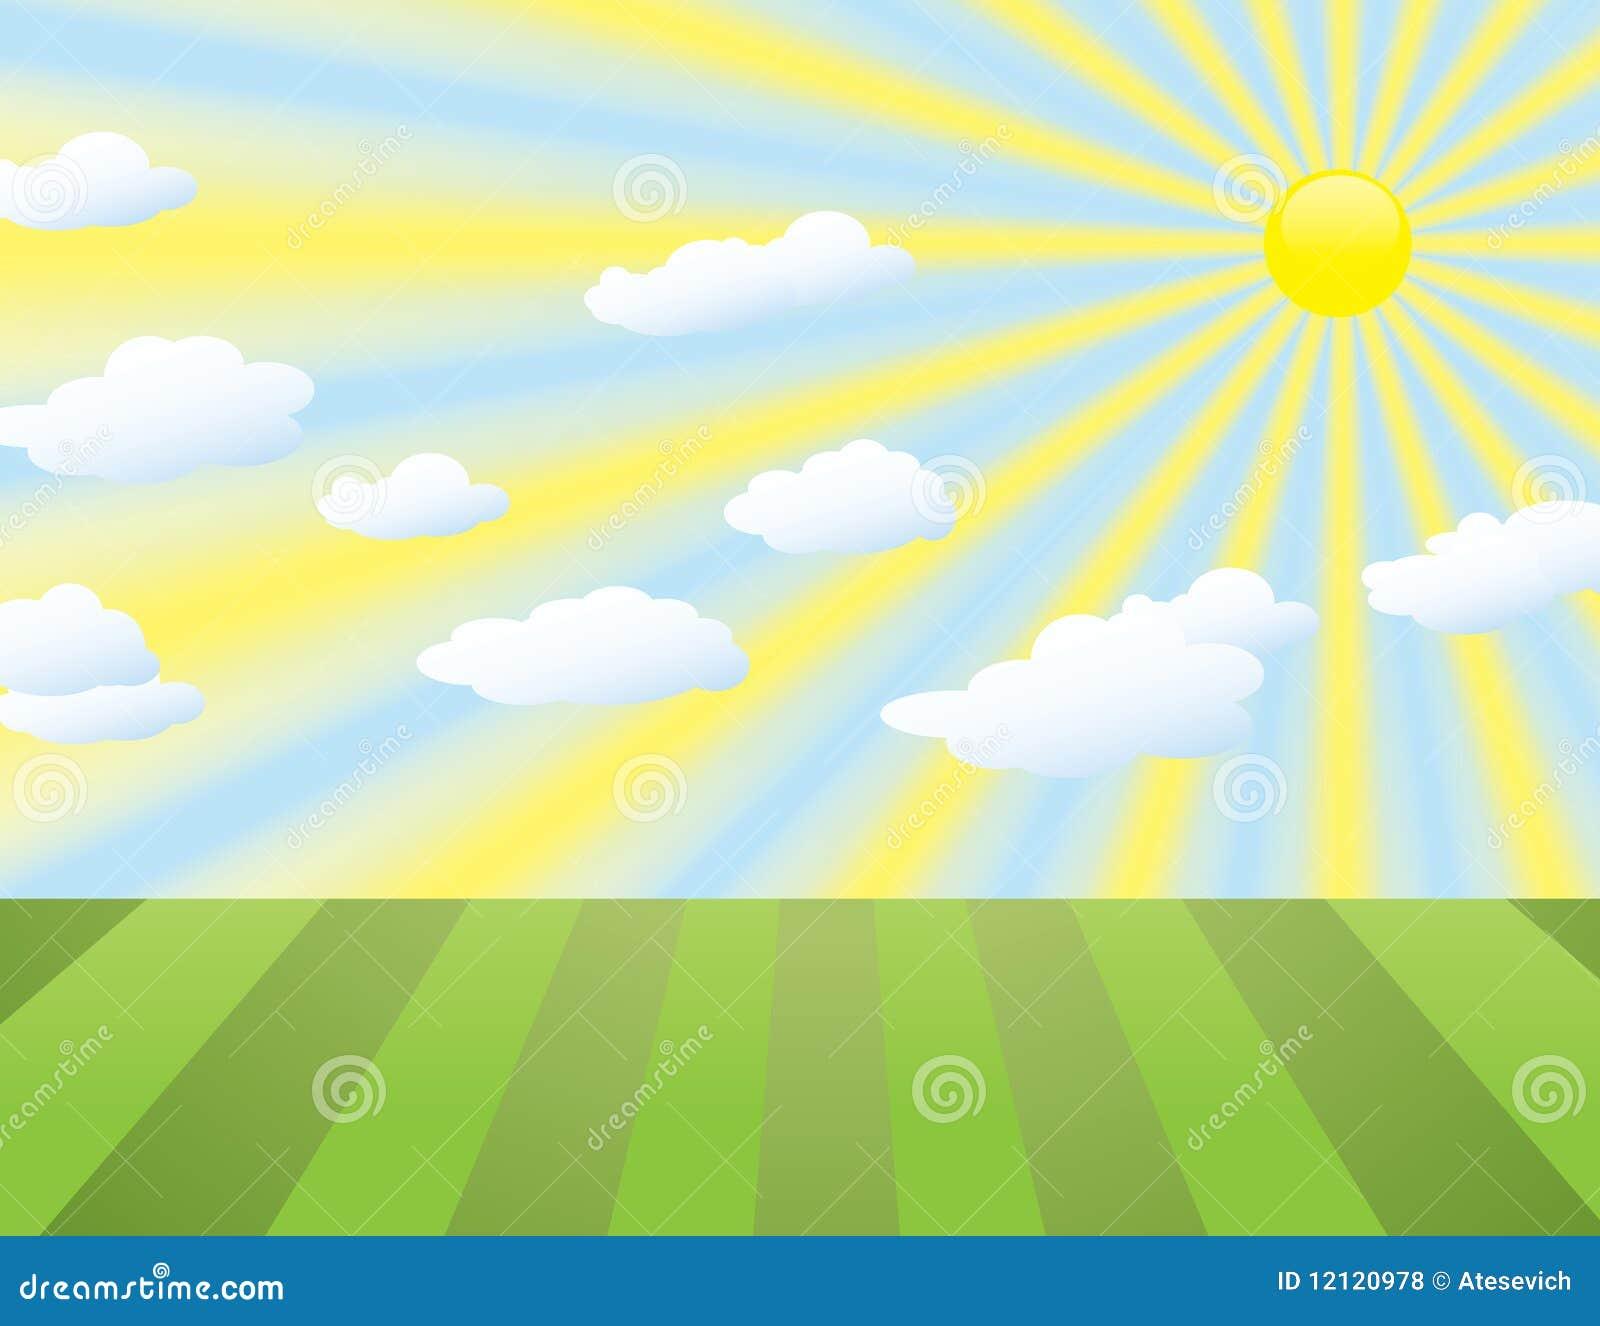 Fondo del paisaje con los rayos y las nubes del sol stock for Fondo del sol